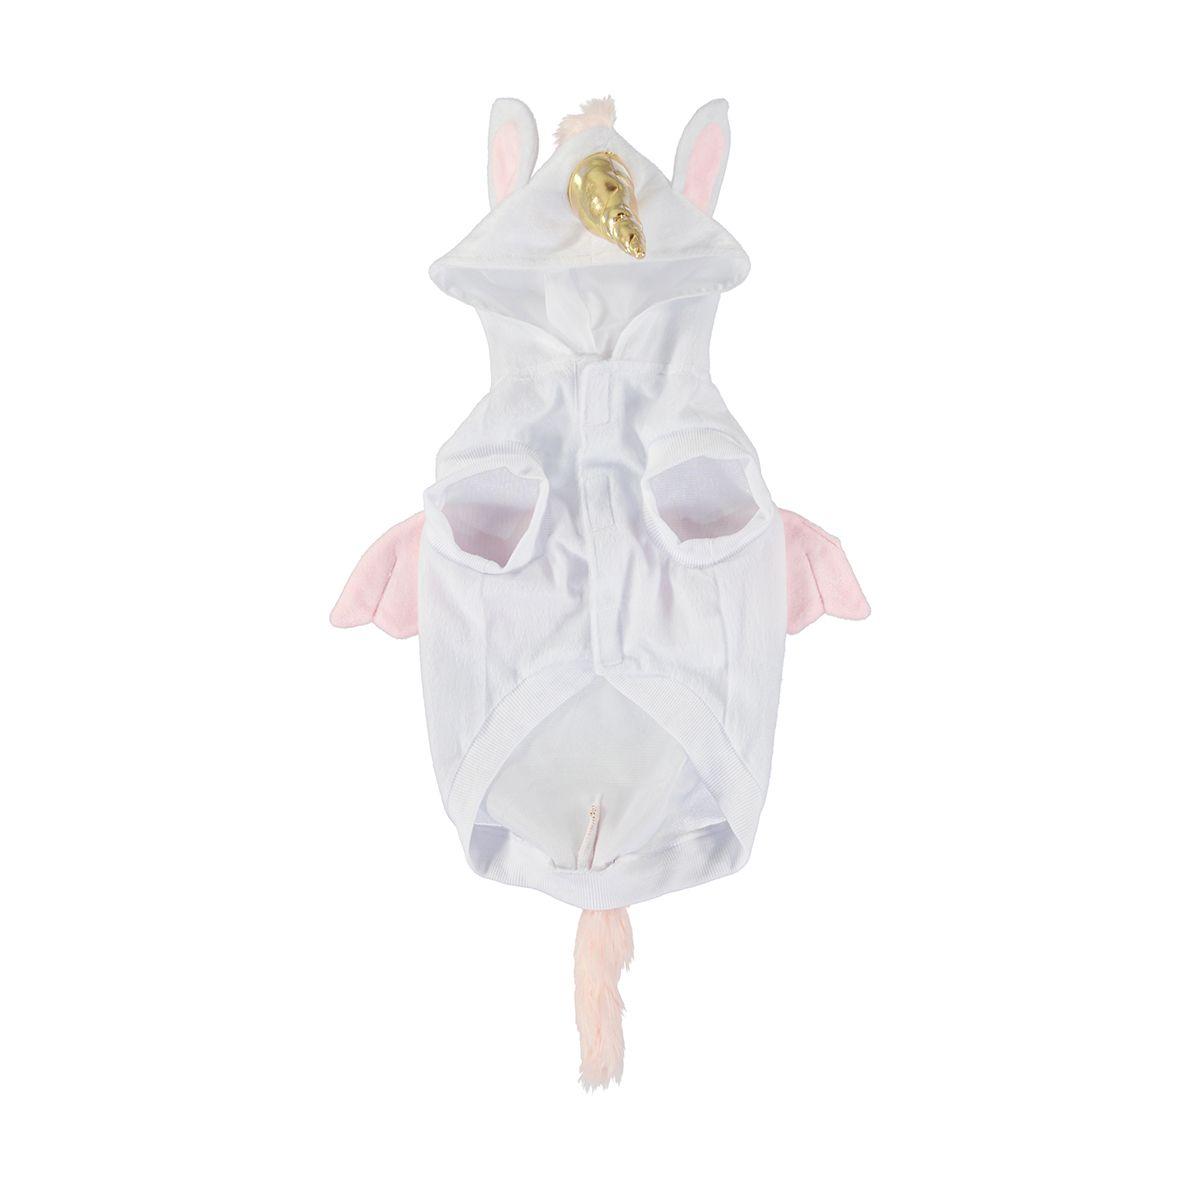 Unicorn Pet Costume Small Kmart Unicorn Stuffed Animal Pet